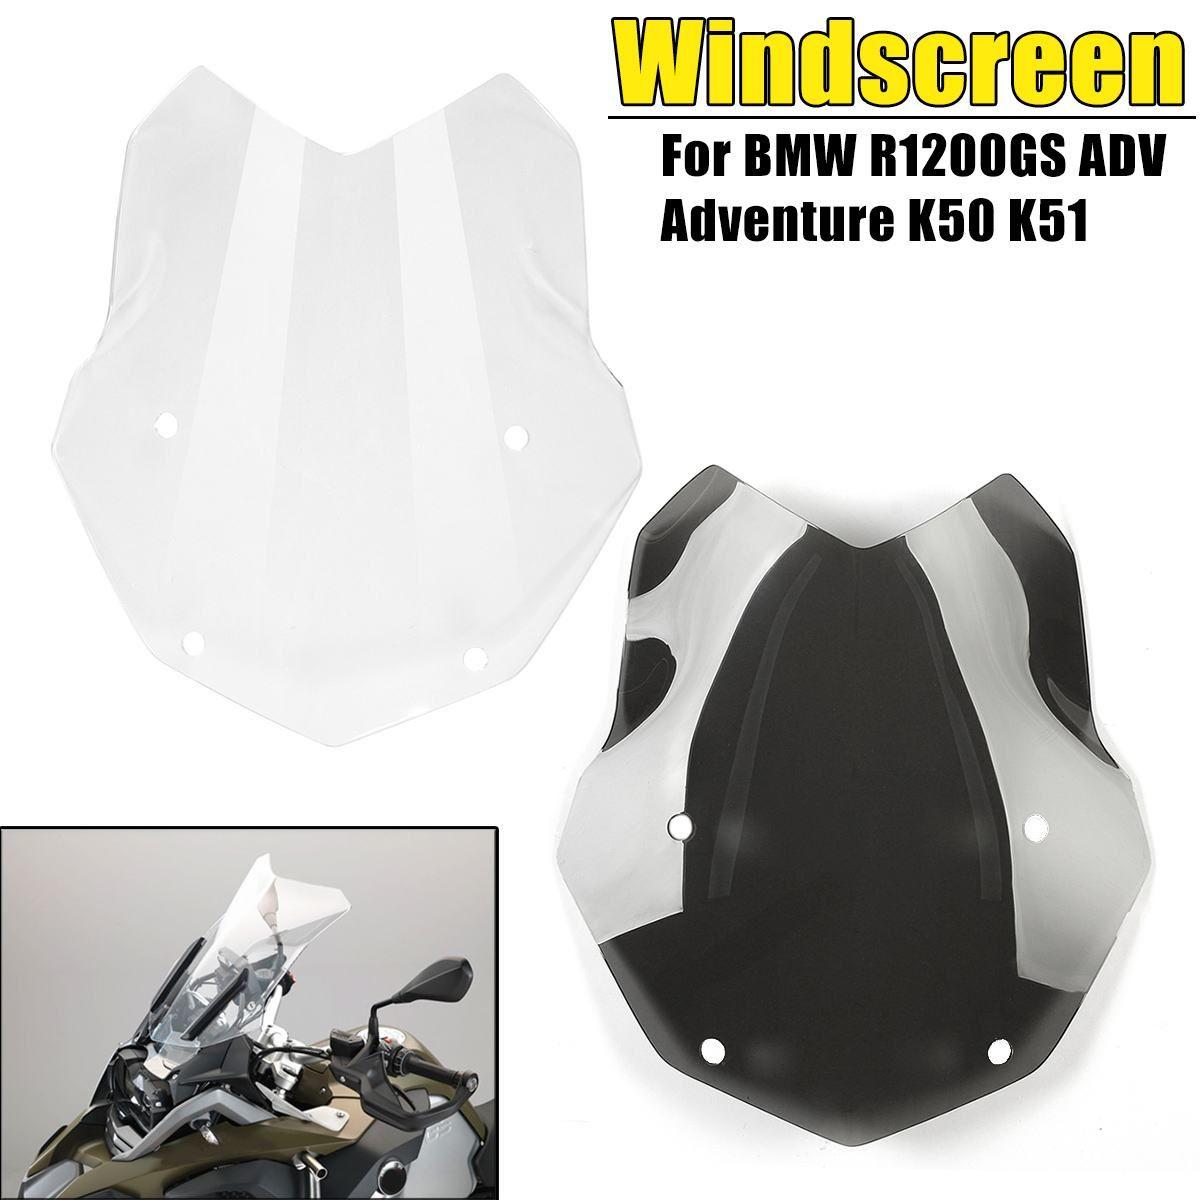 Schwarz Klar PMMA Motorrad Windschutzscheibe Windschutz Protector Für BMW R1200GS ADV Abenteuer K50 K51 Motorrad Teile